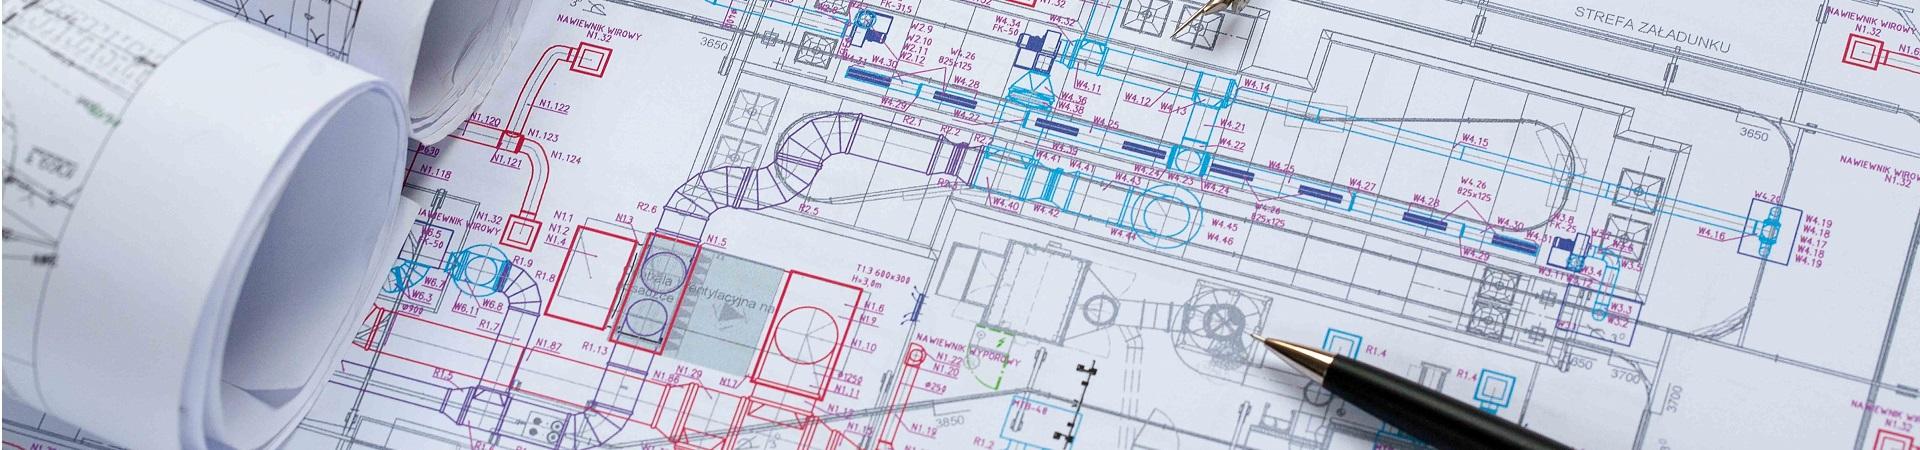 III Warsztaty projektanta i rzeczoznawcy instalacji i sieci sanitarnych